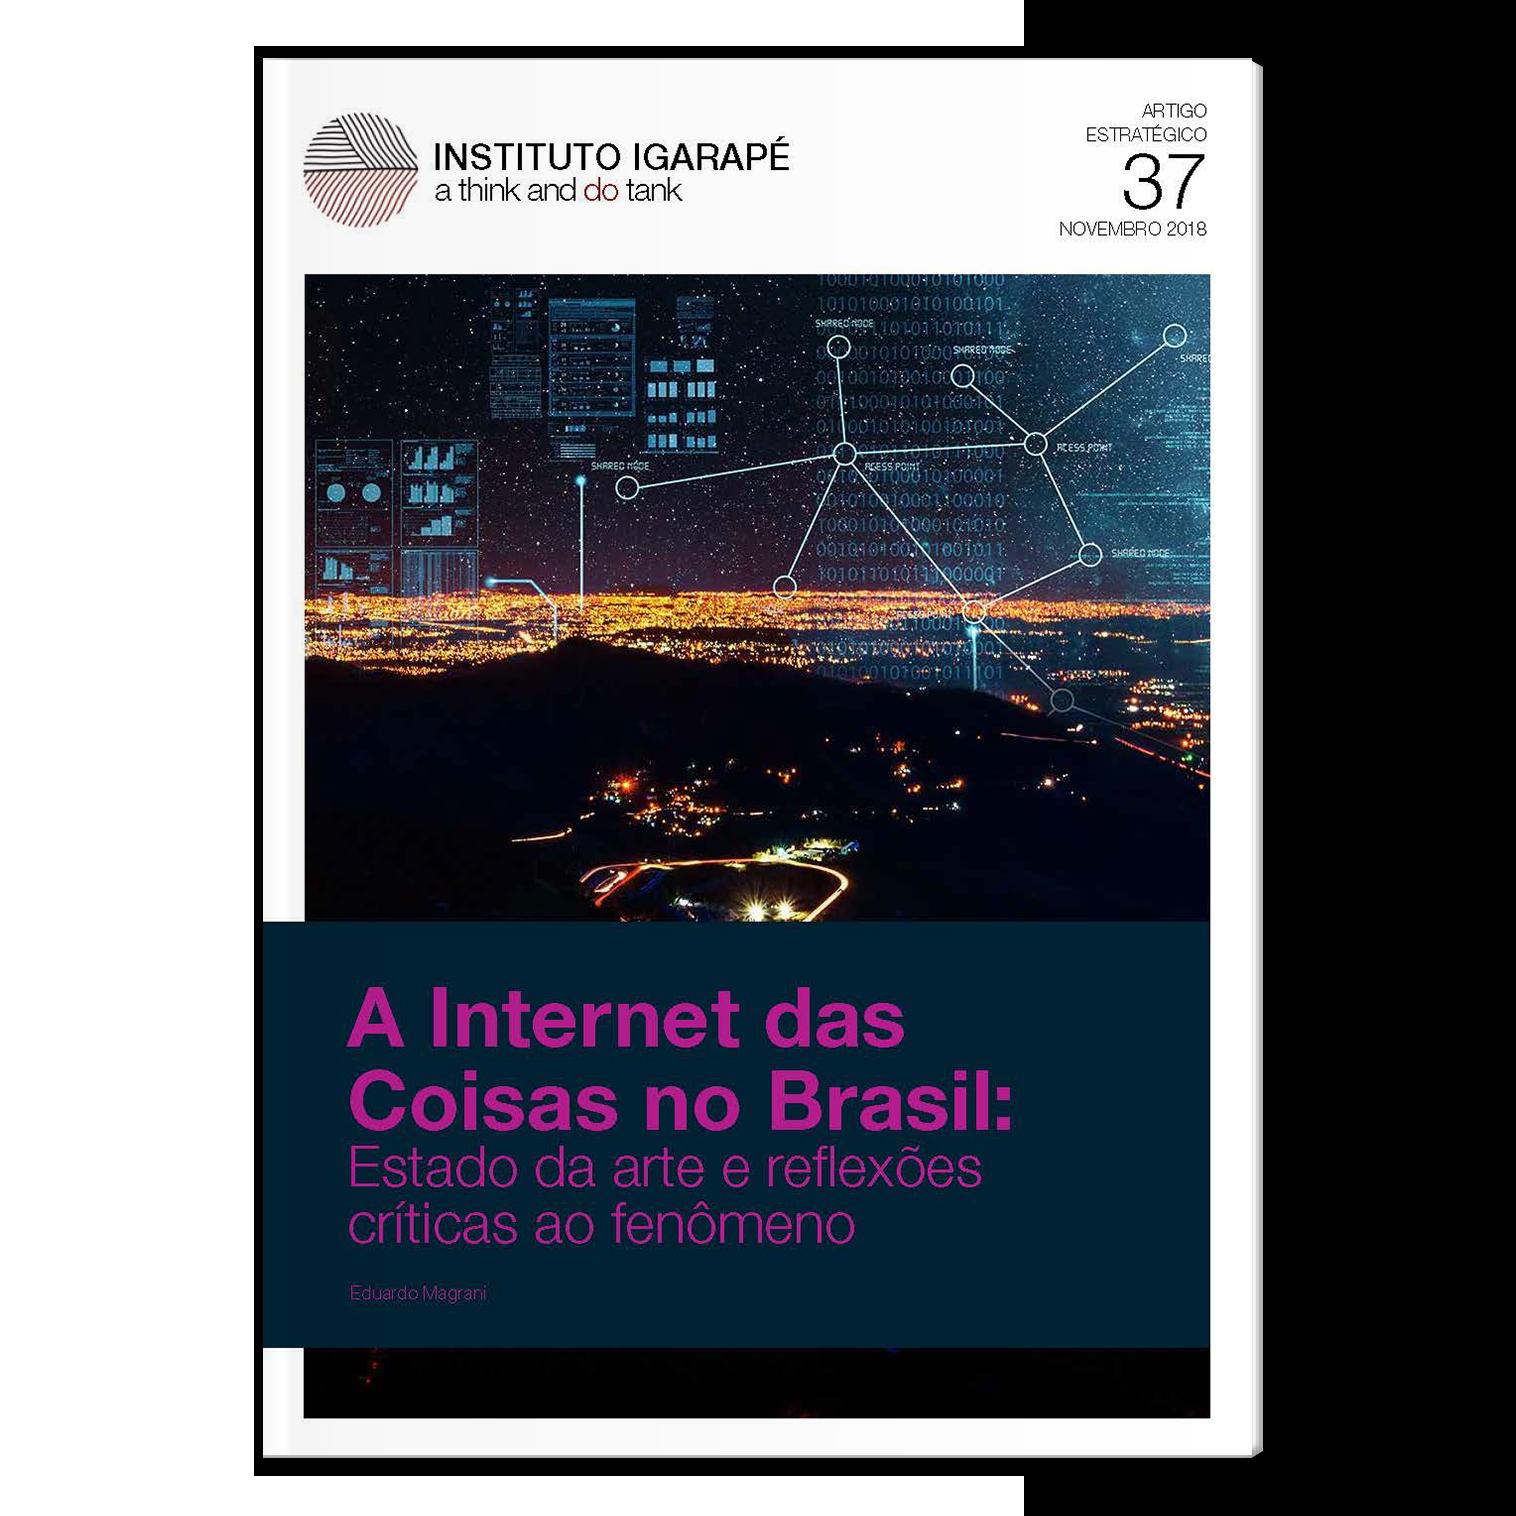 AE37 A Internet das Coisas no Brasil